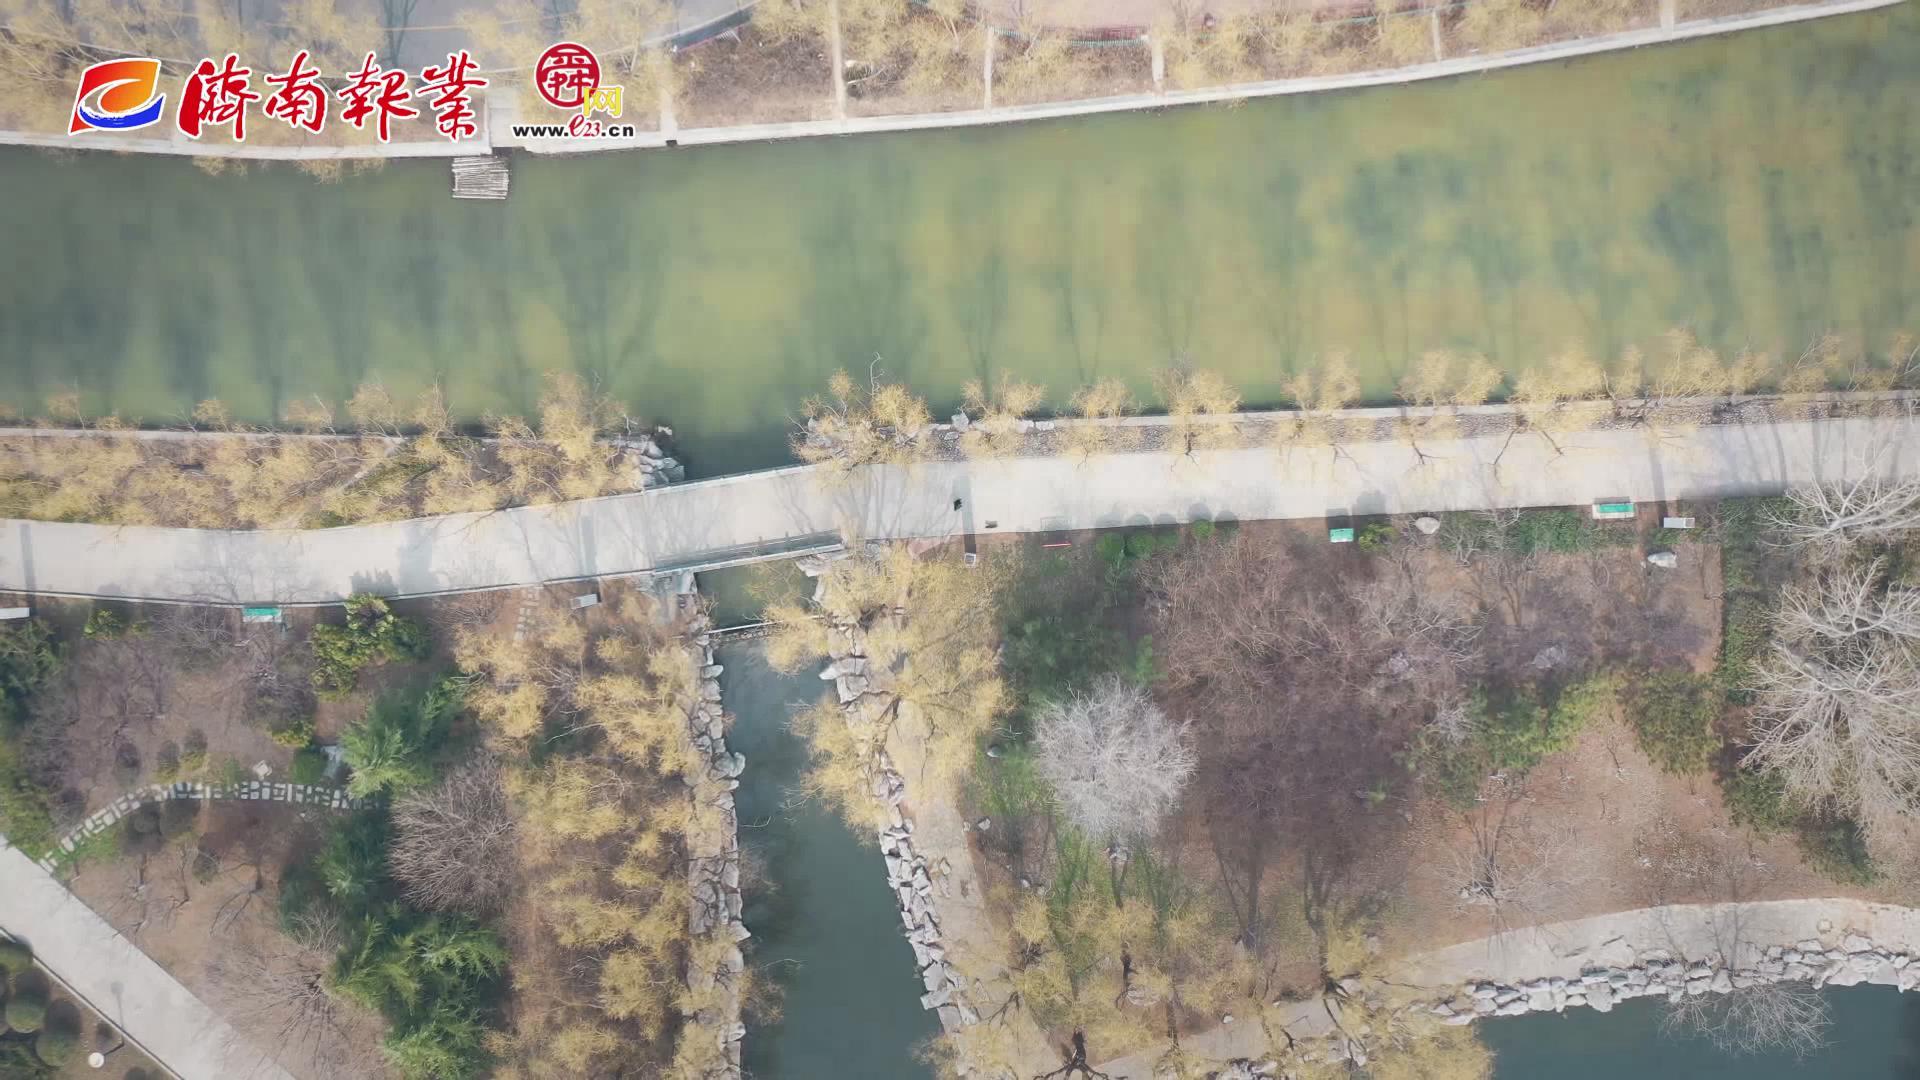 【舜网云踏青(四)】莱芜区莲河公园:杨柳依依 春水潺潺